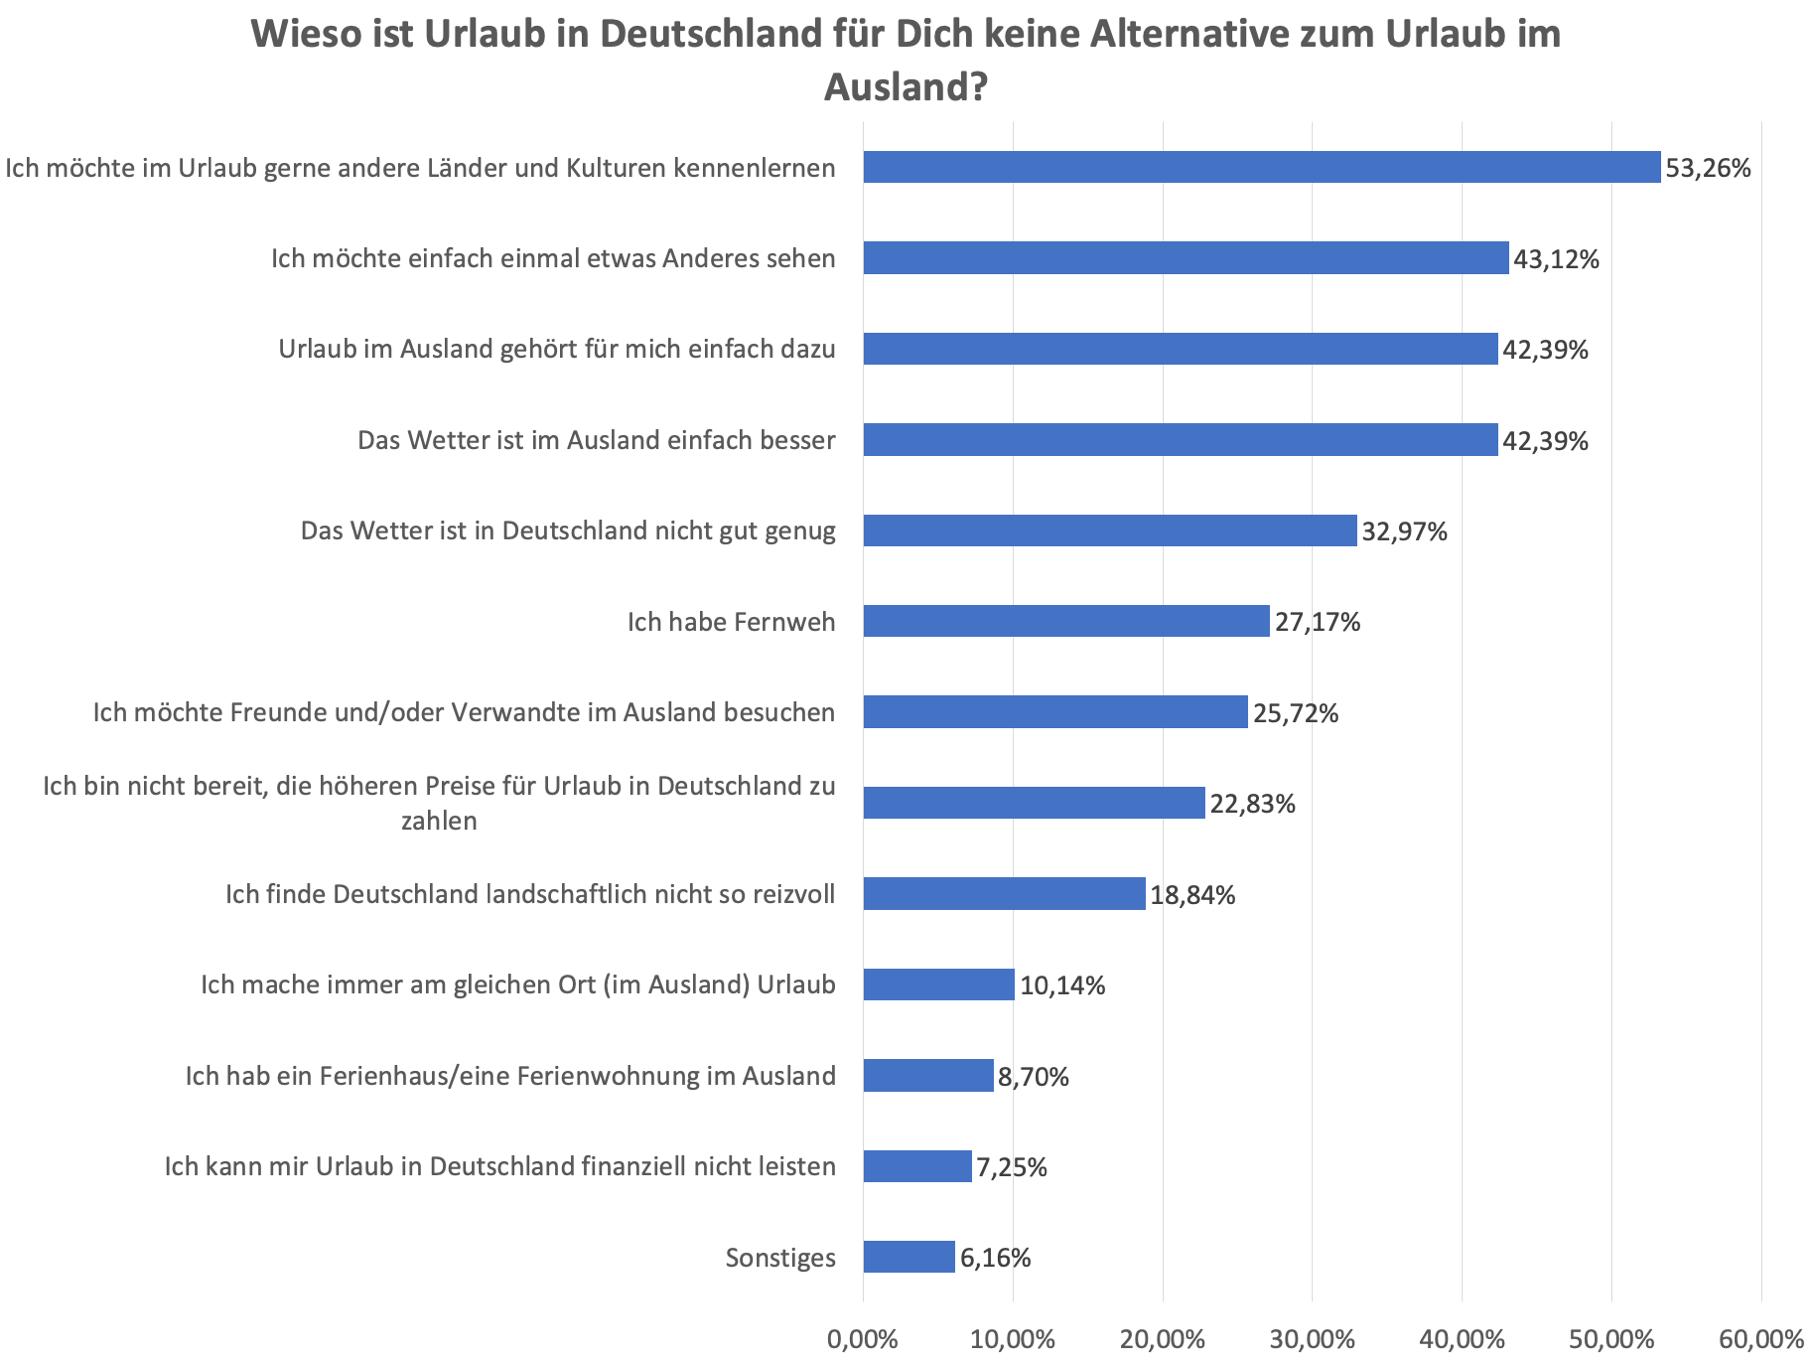 354633 kein urlaub in deutschland gru%cc%88nde c955cb original 1589295884